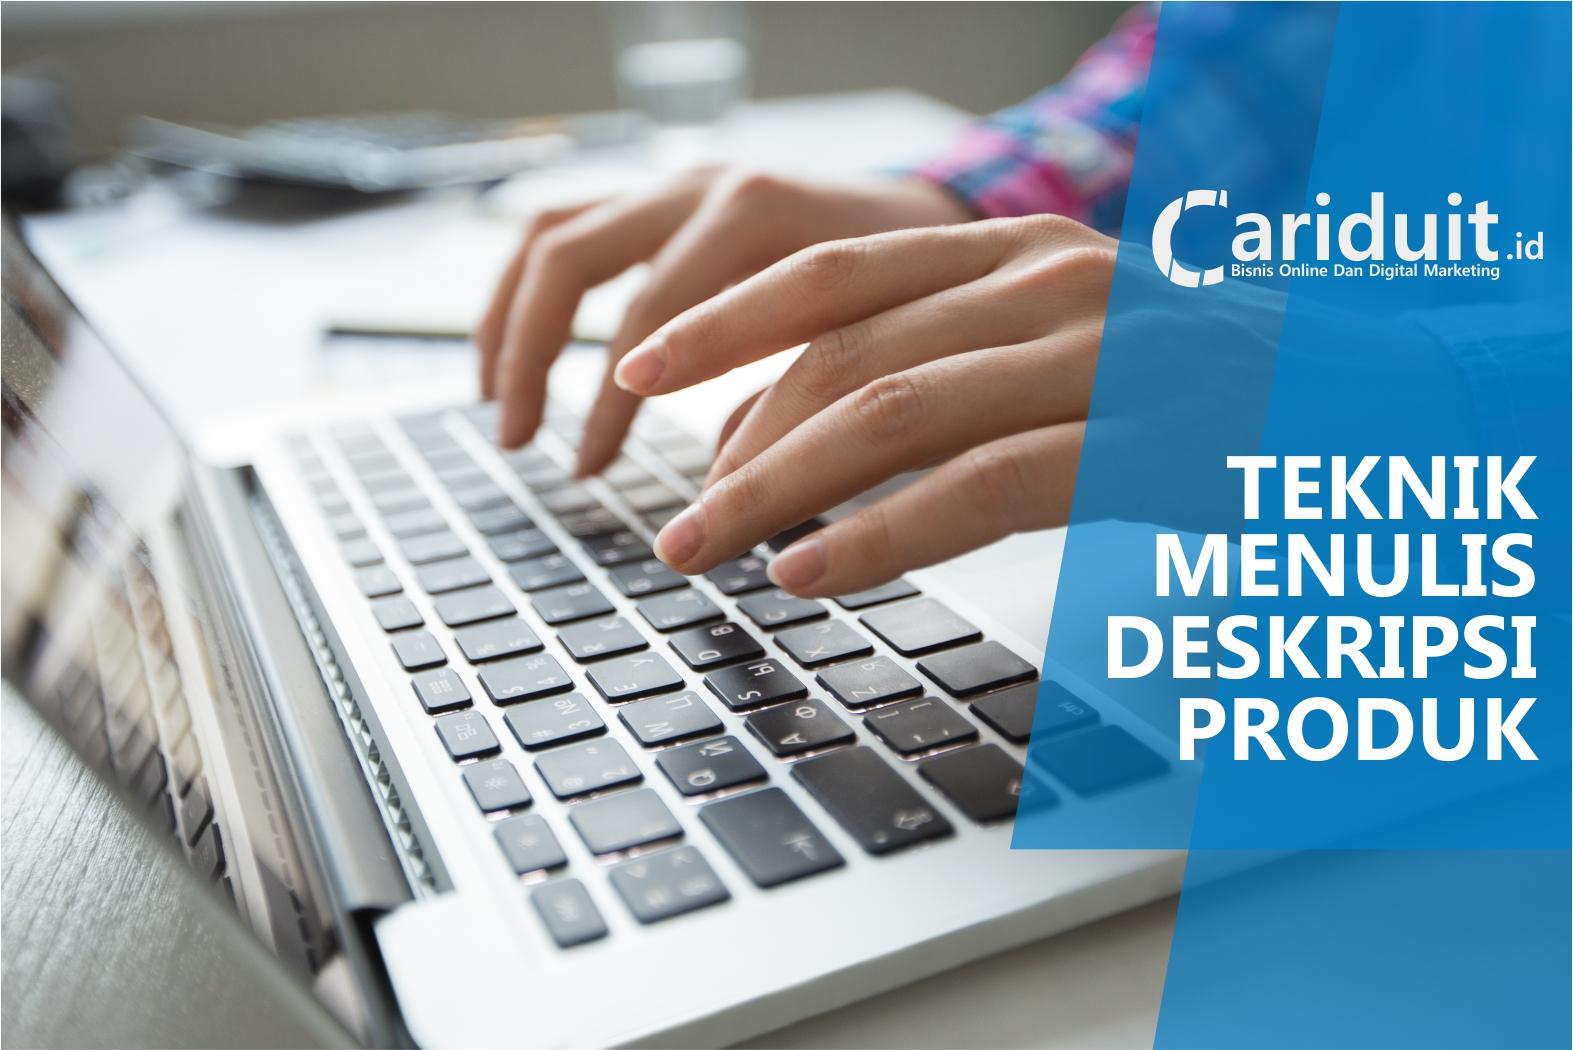 10 Teknik Menulis Deskripsi Produk Bisnis Online Dengan ...